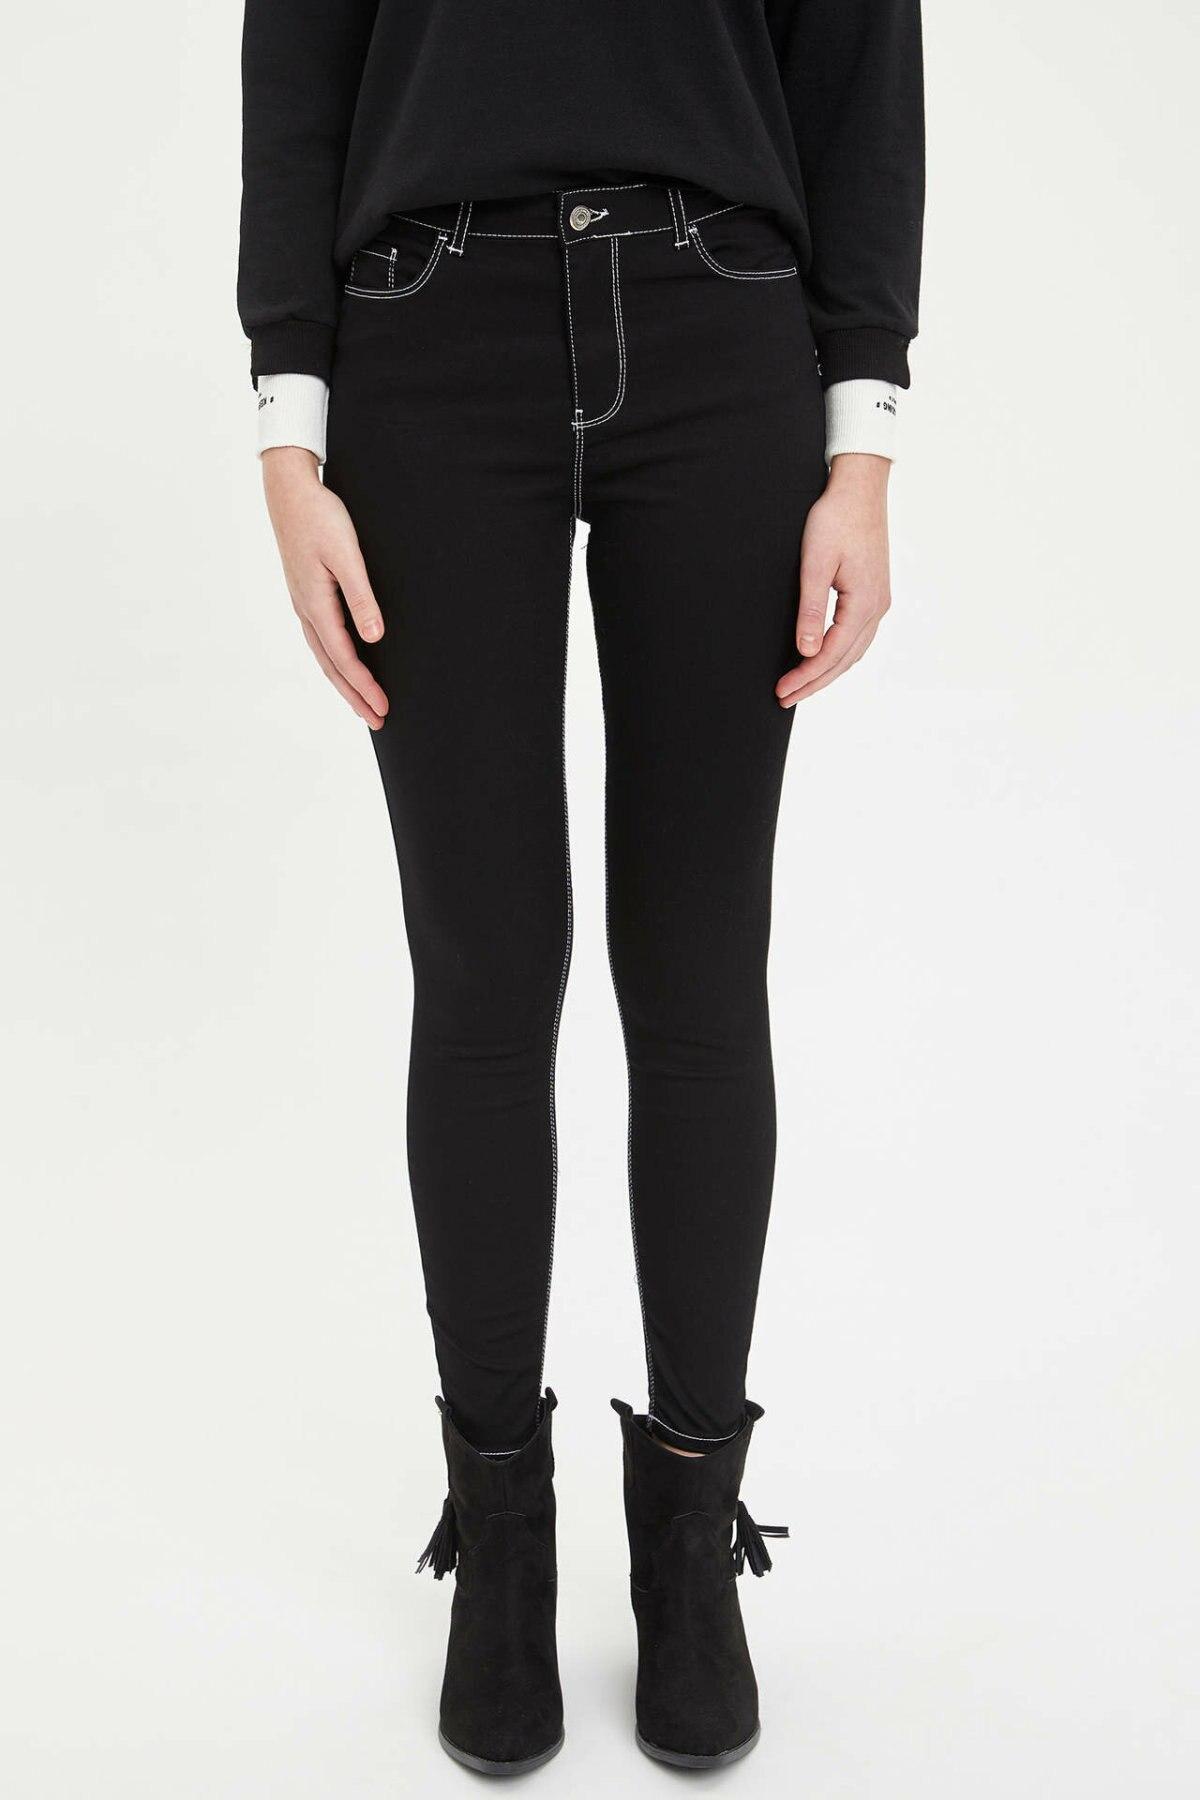 DeFacto Woman Trousers-K6282AZ18WN